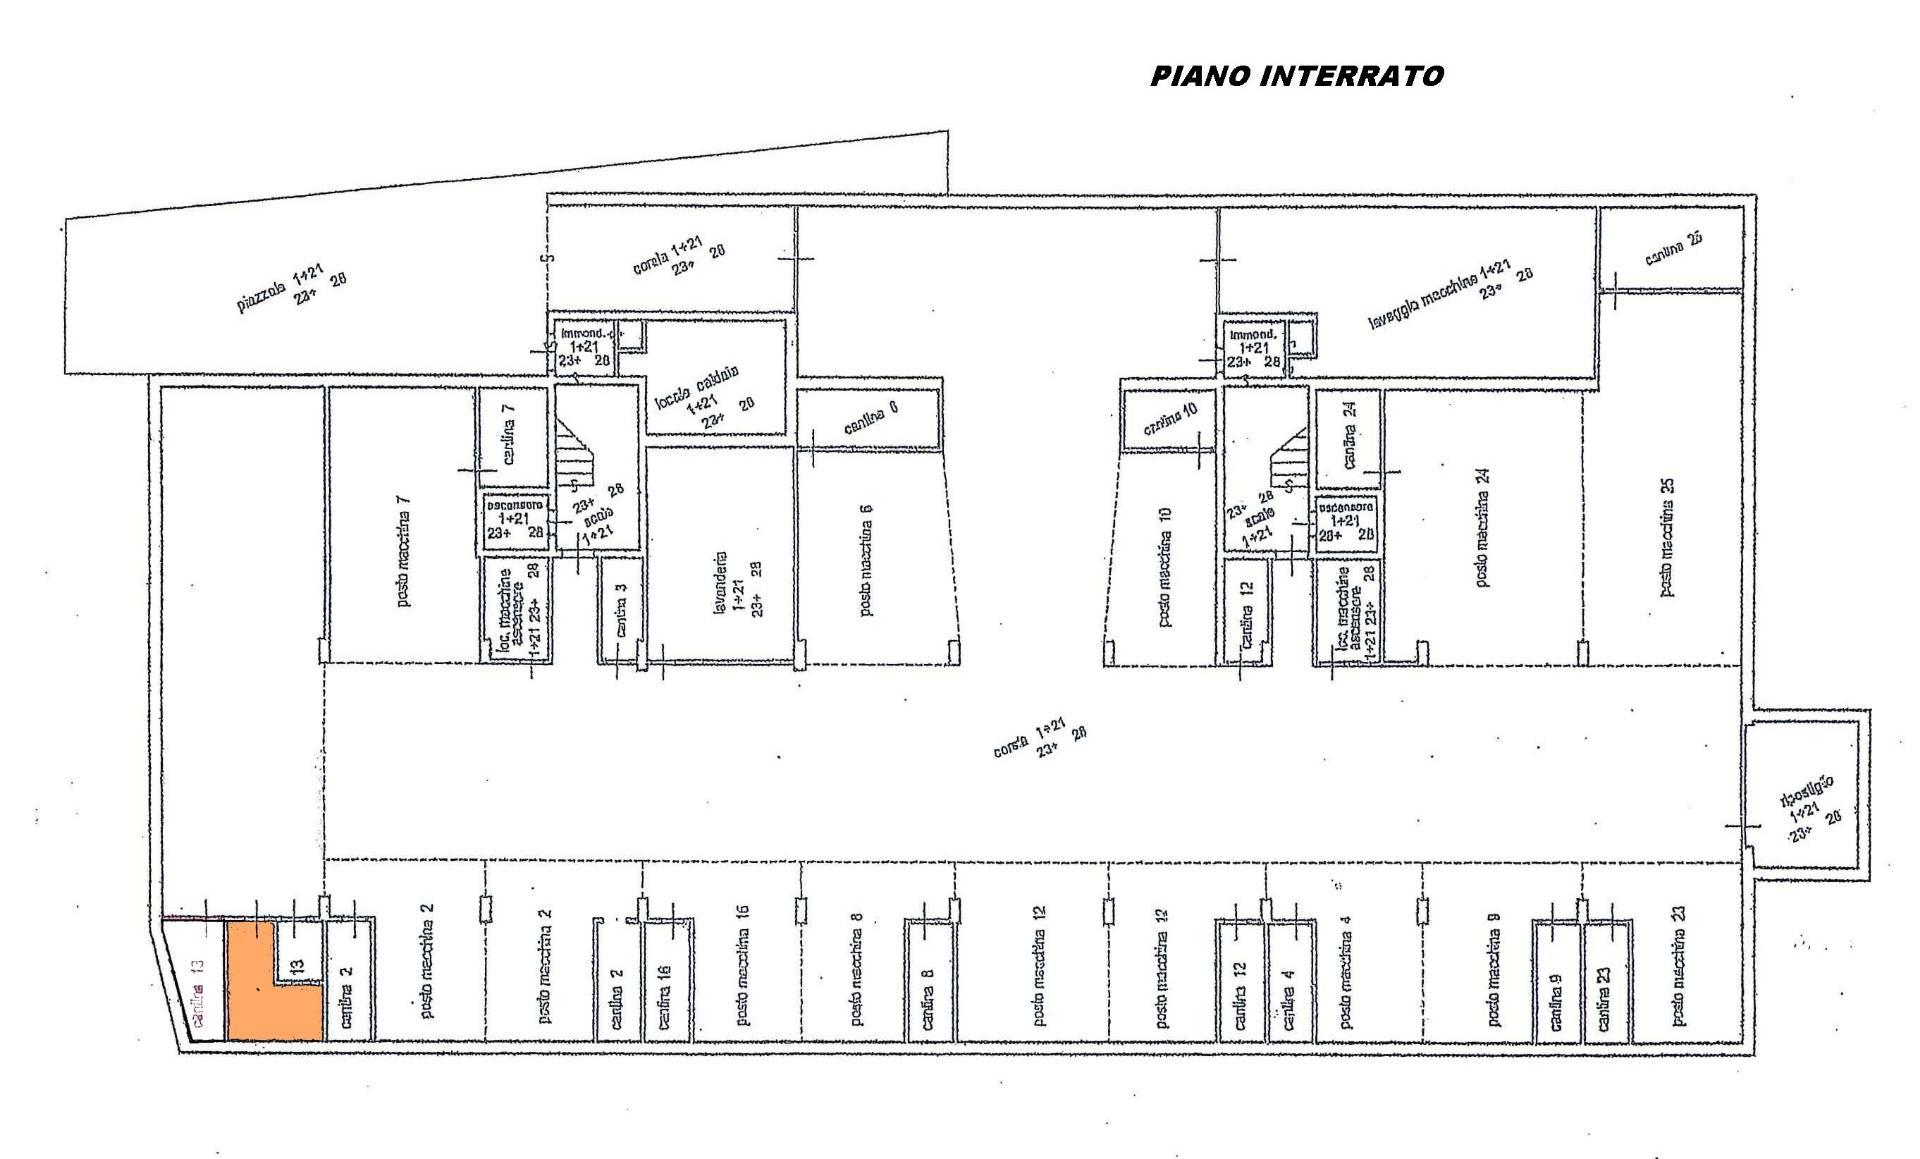 Appartamento in vendita tione di trento id 16031 for Subito it trento arredamento